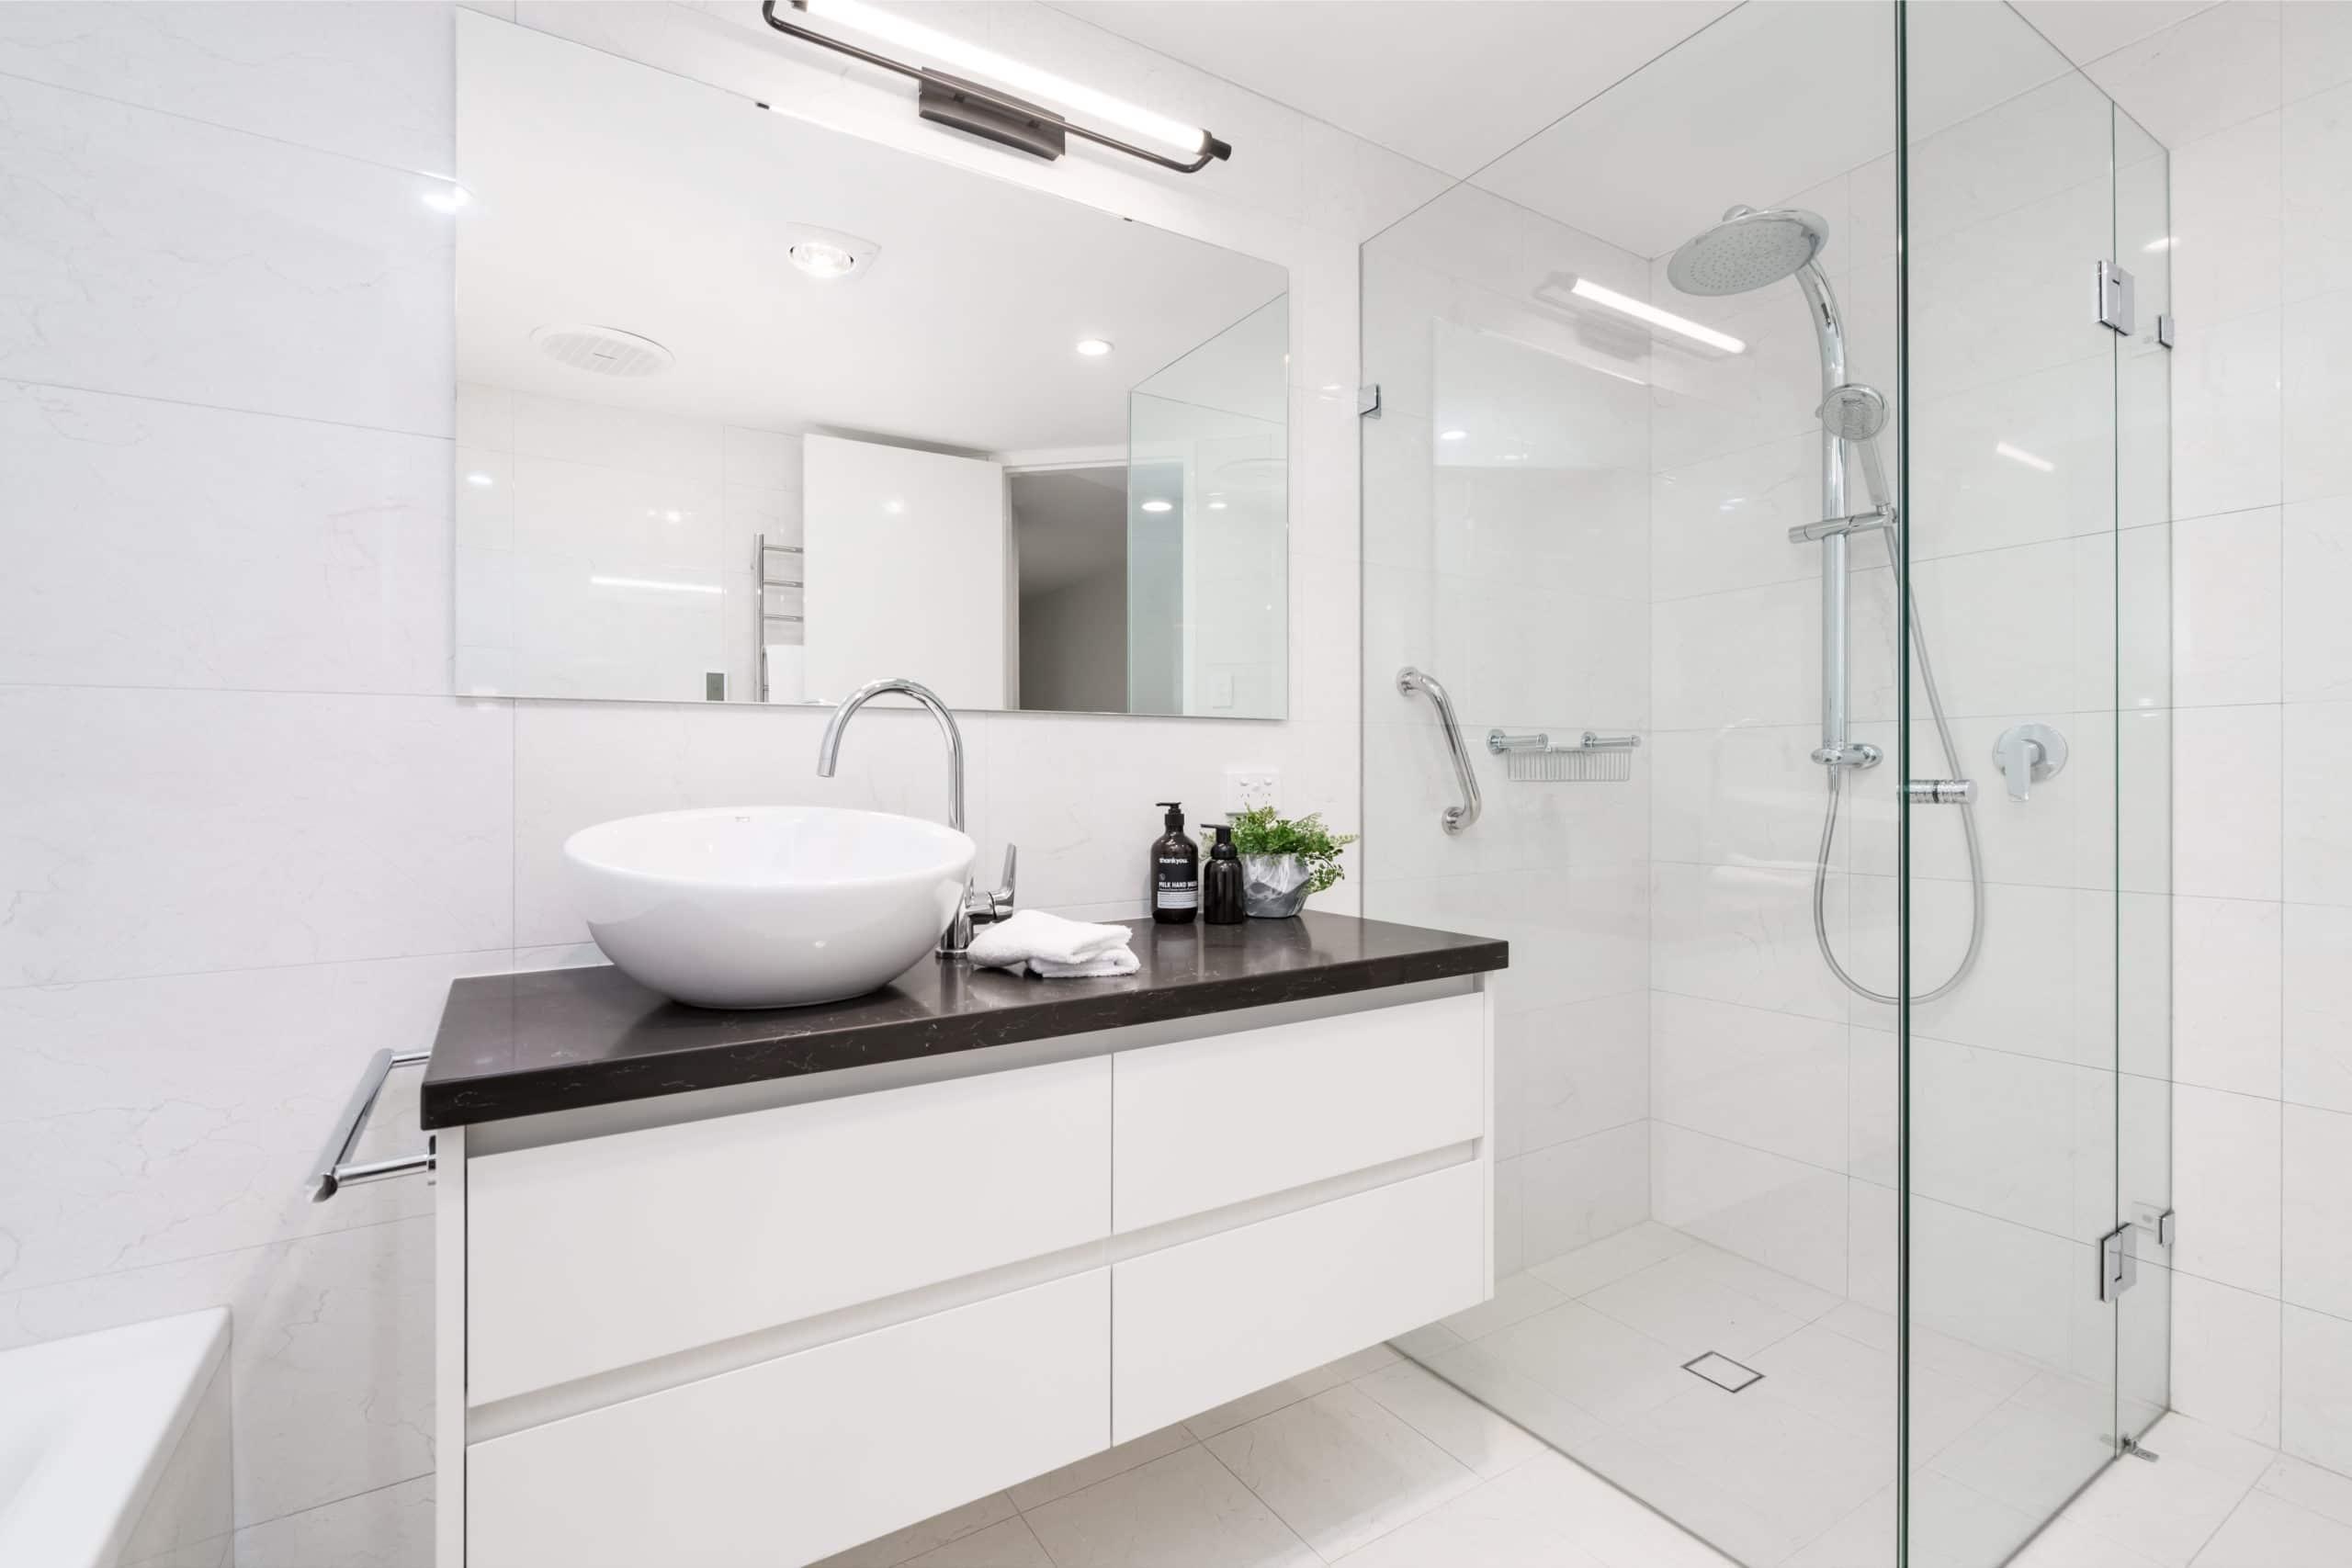 Moderne Badsanierung. Weißes Badezimmer mit der Dusche. Glassdusche